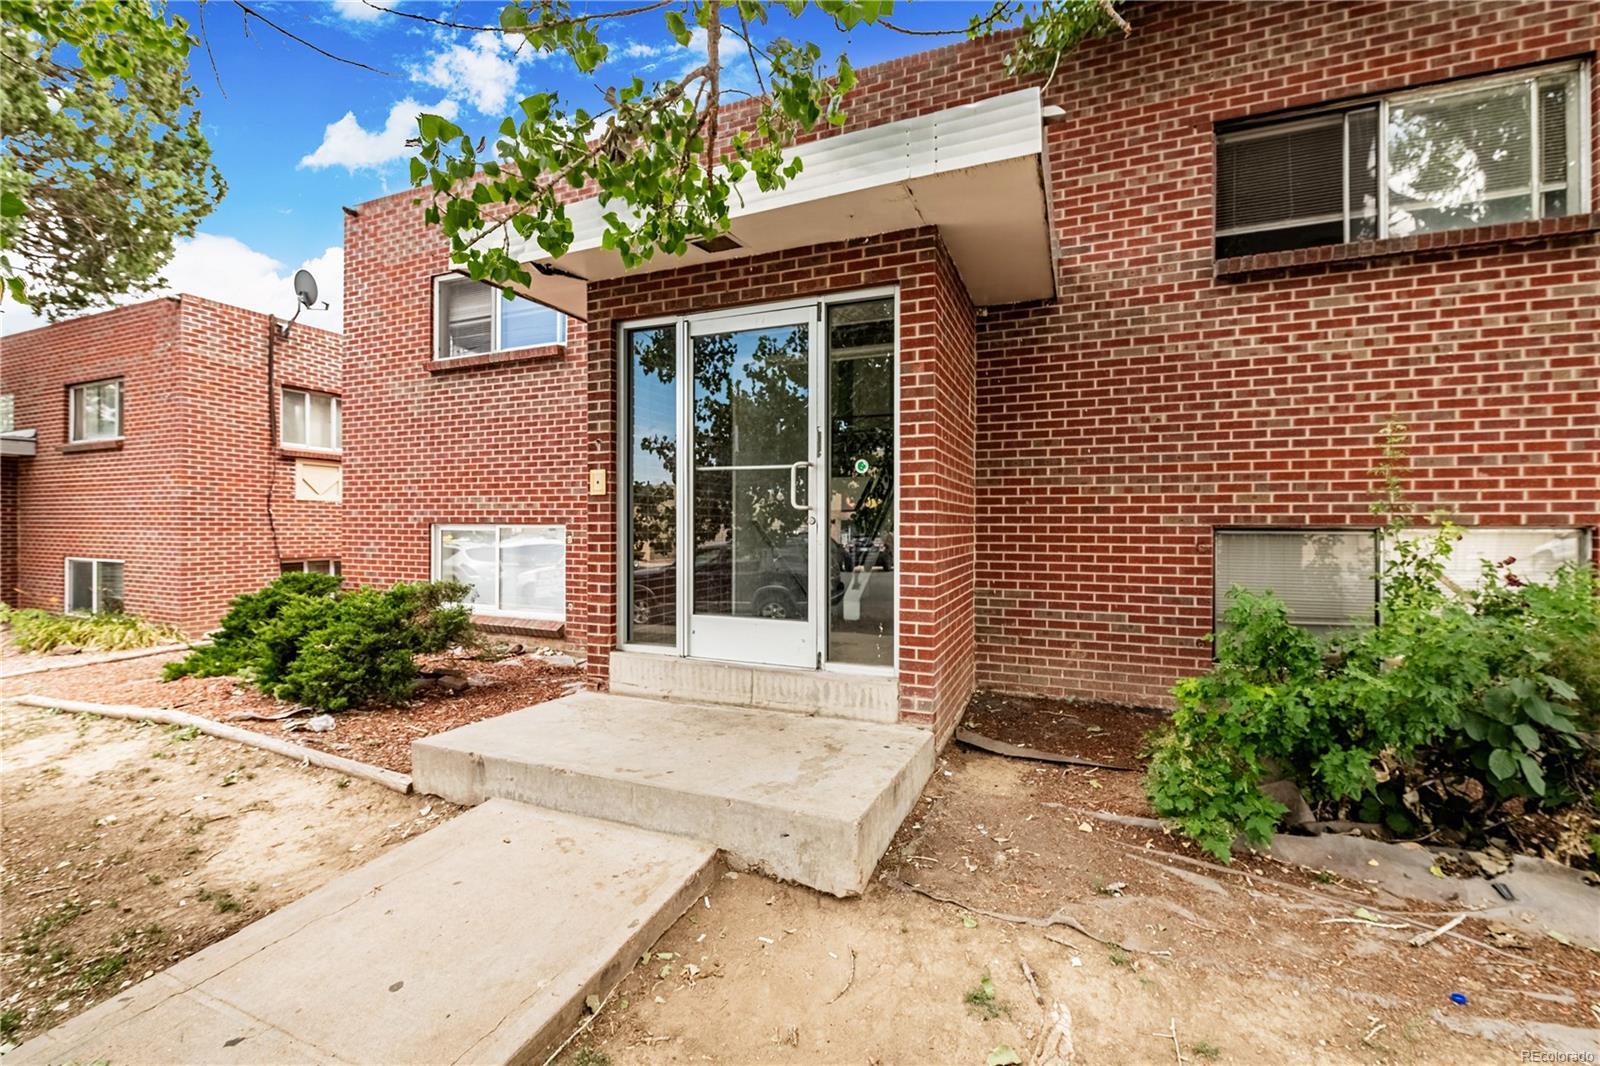 11916 E 14th Avenue, Aurora, CO 80010 - Aurora, CO real estate listing